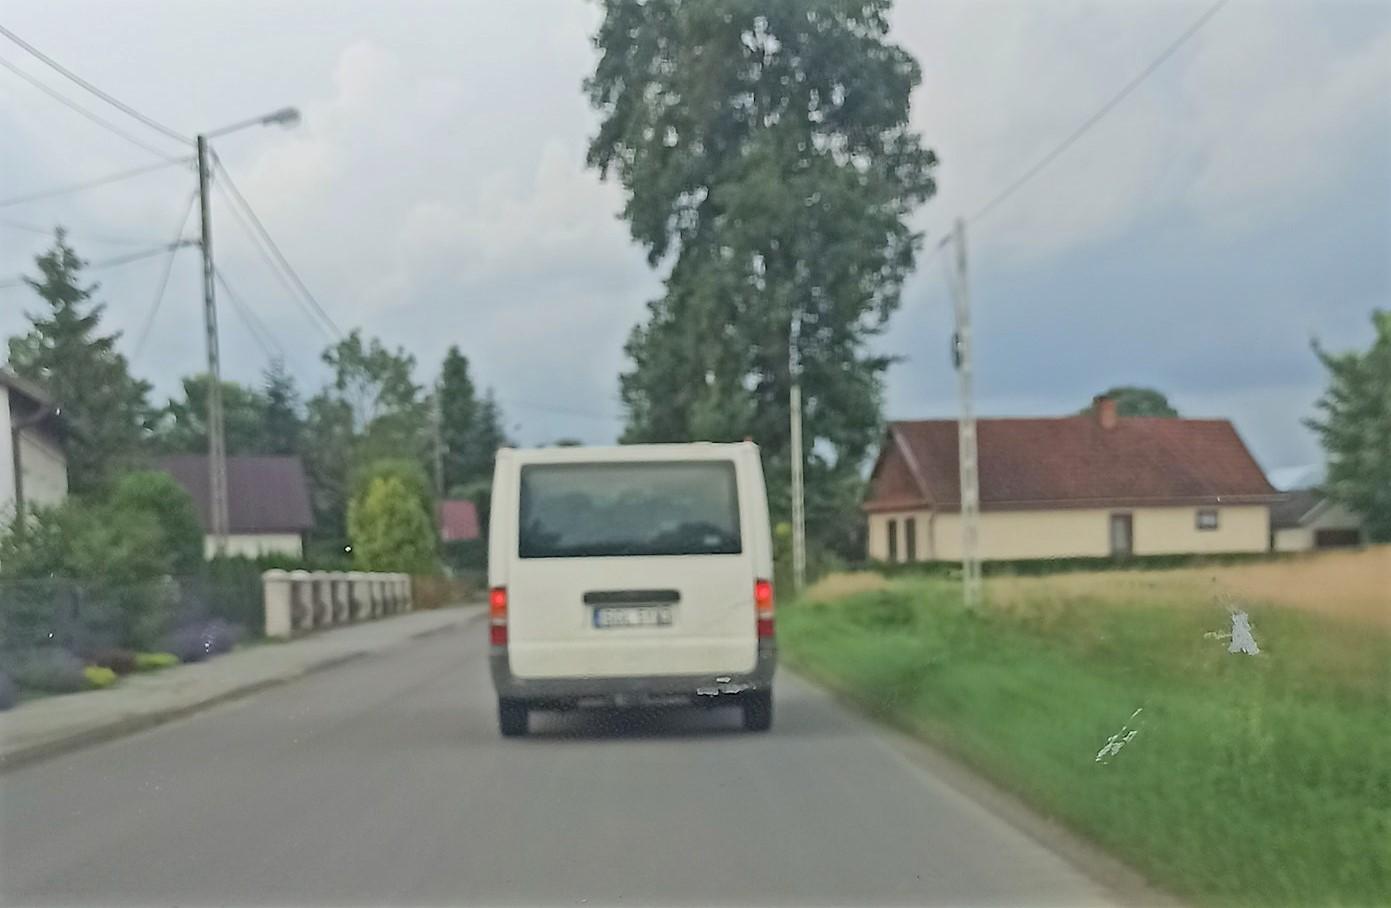 Podejrzany biały bus. Alarm mieszkańców - Zdjęcie główne